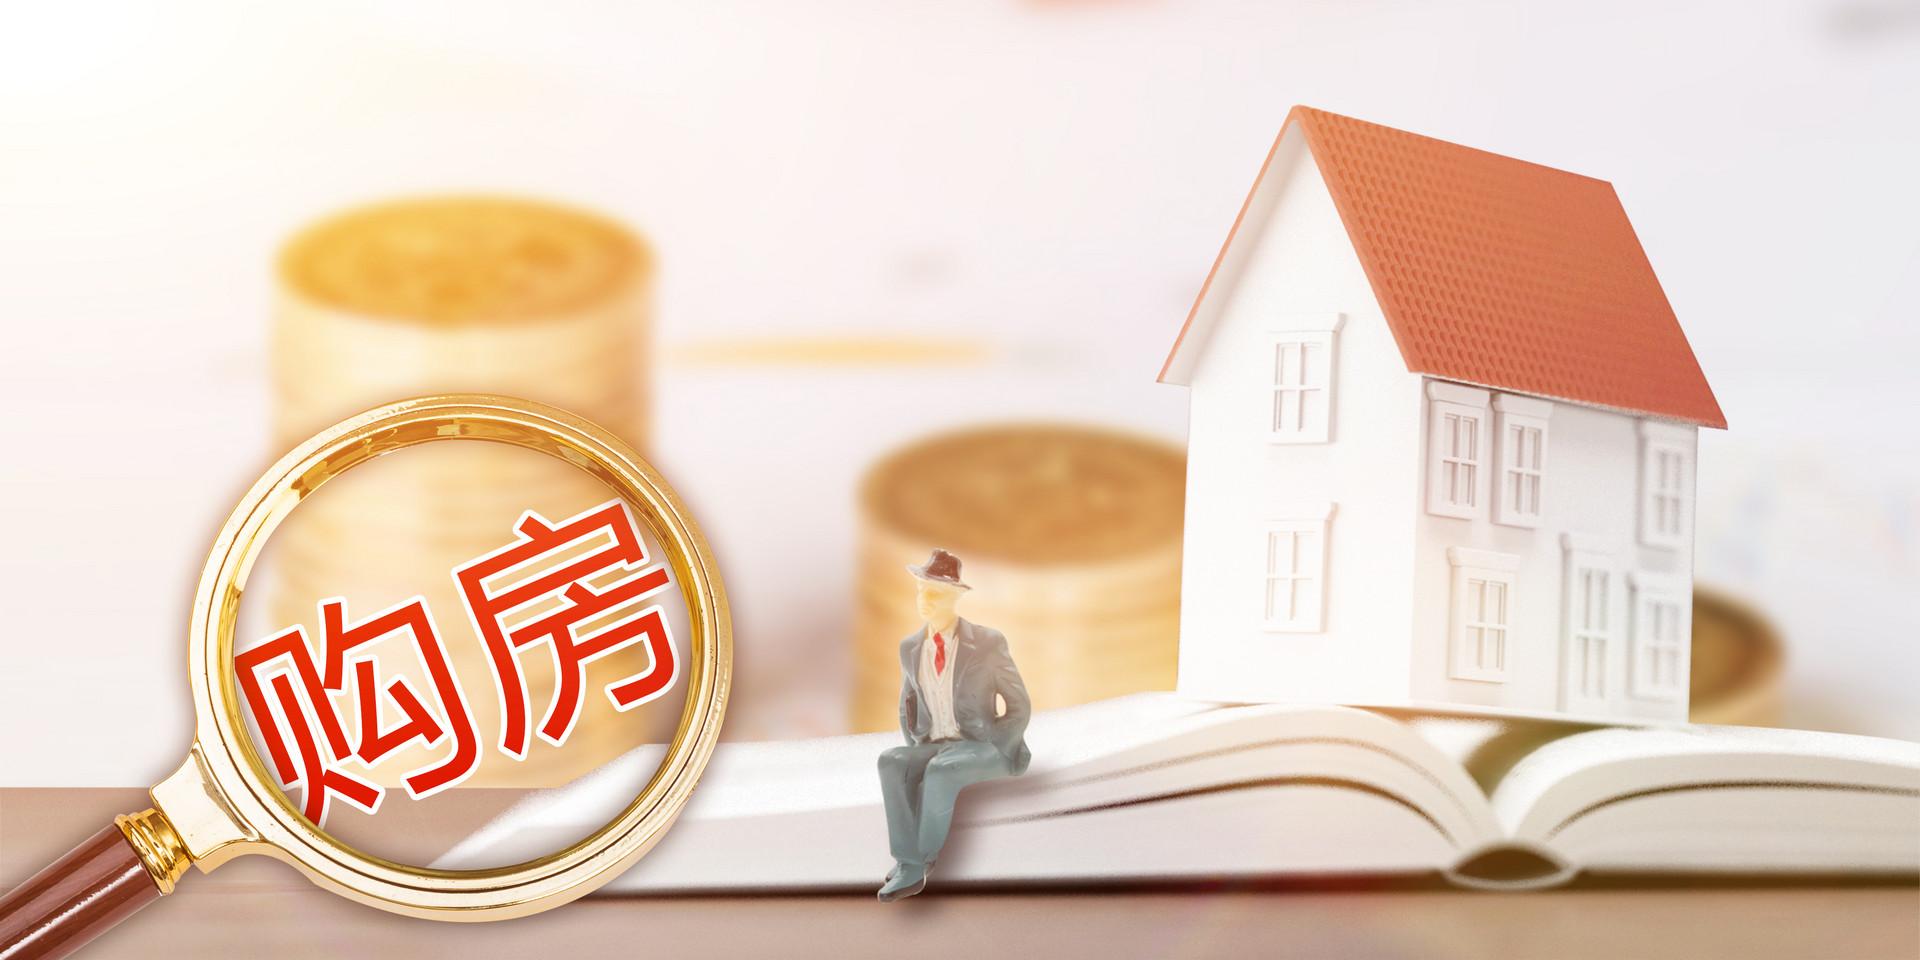 12月月初警告!年底二手捡漏时机来了!广州各区11月二手房房价出炉!